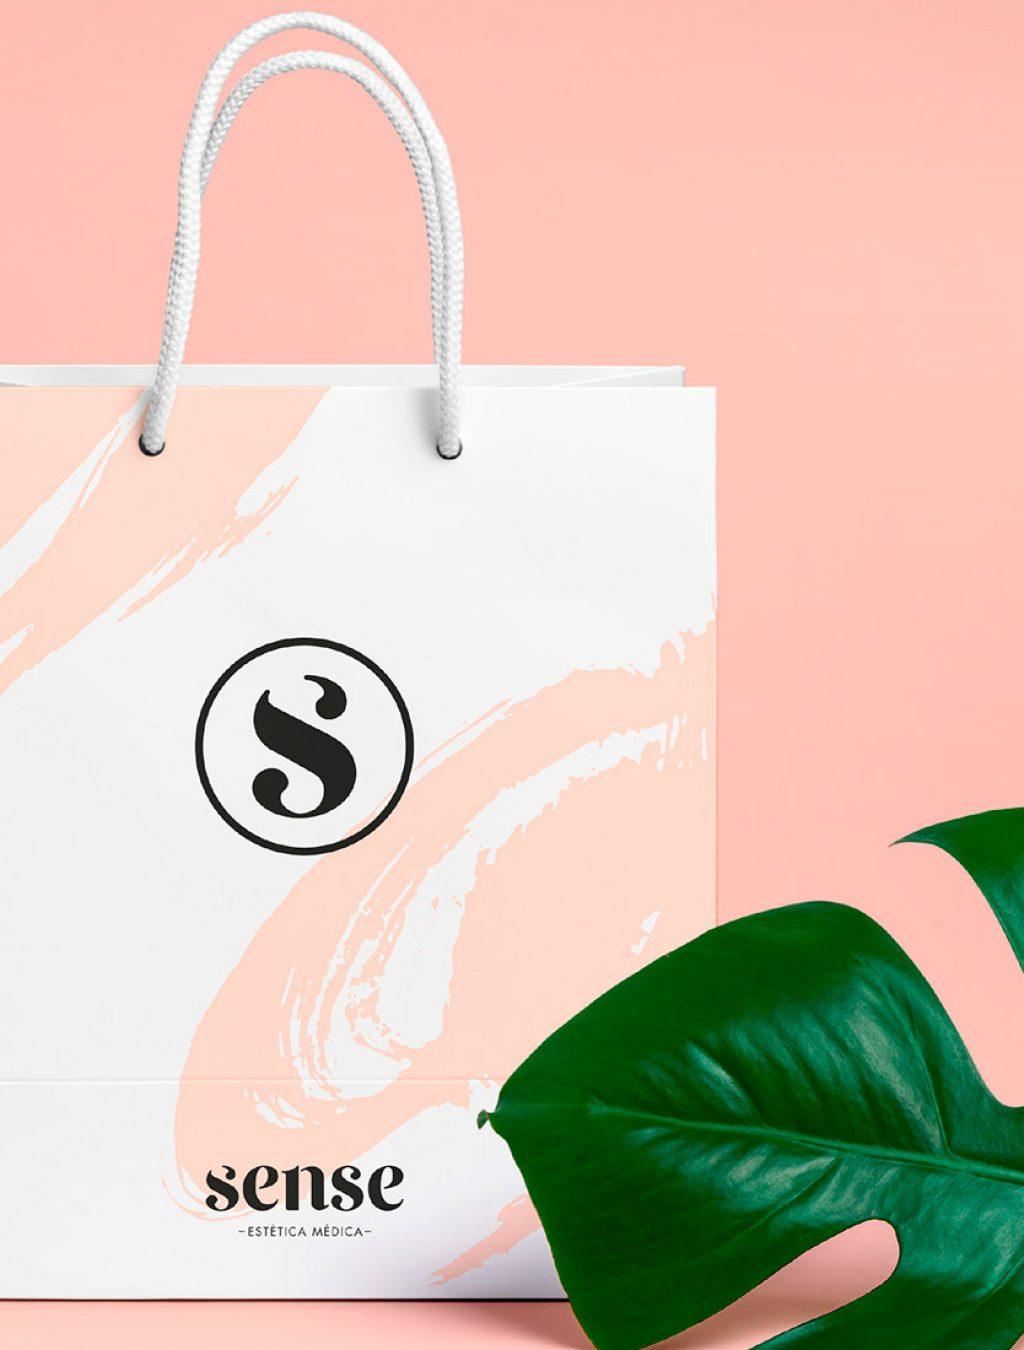 agencia-marketing-digital-pennyworth-identidad-corporativa-centro-estetica-valencia-09